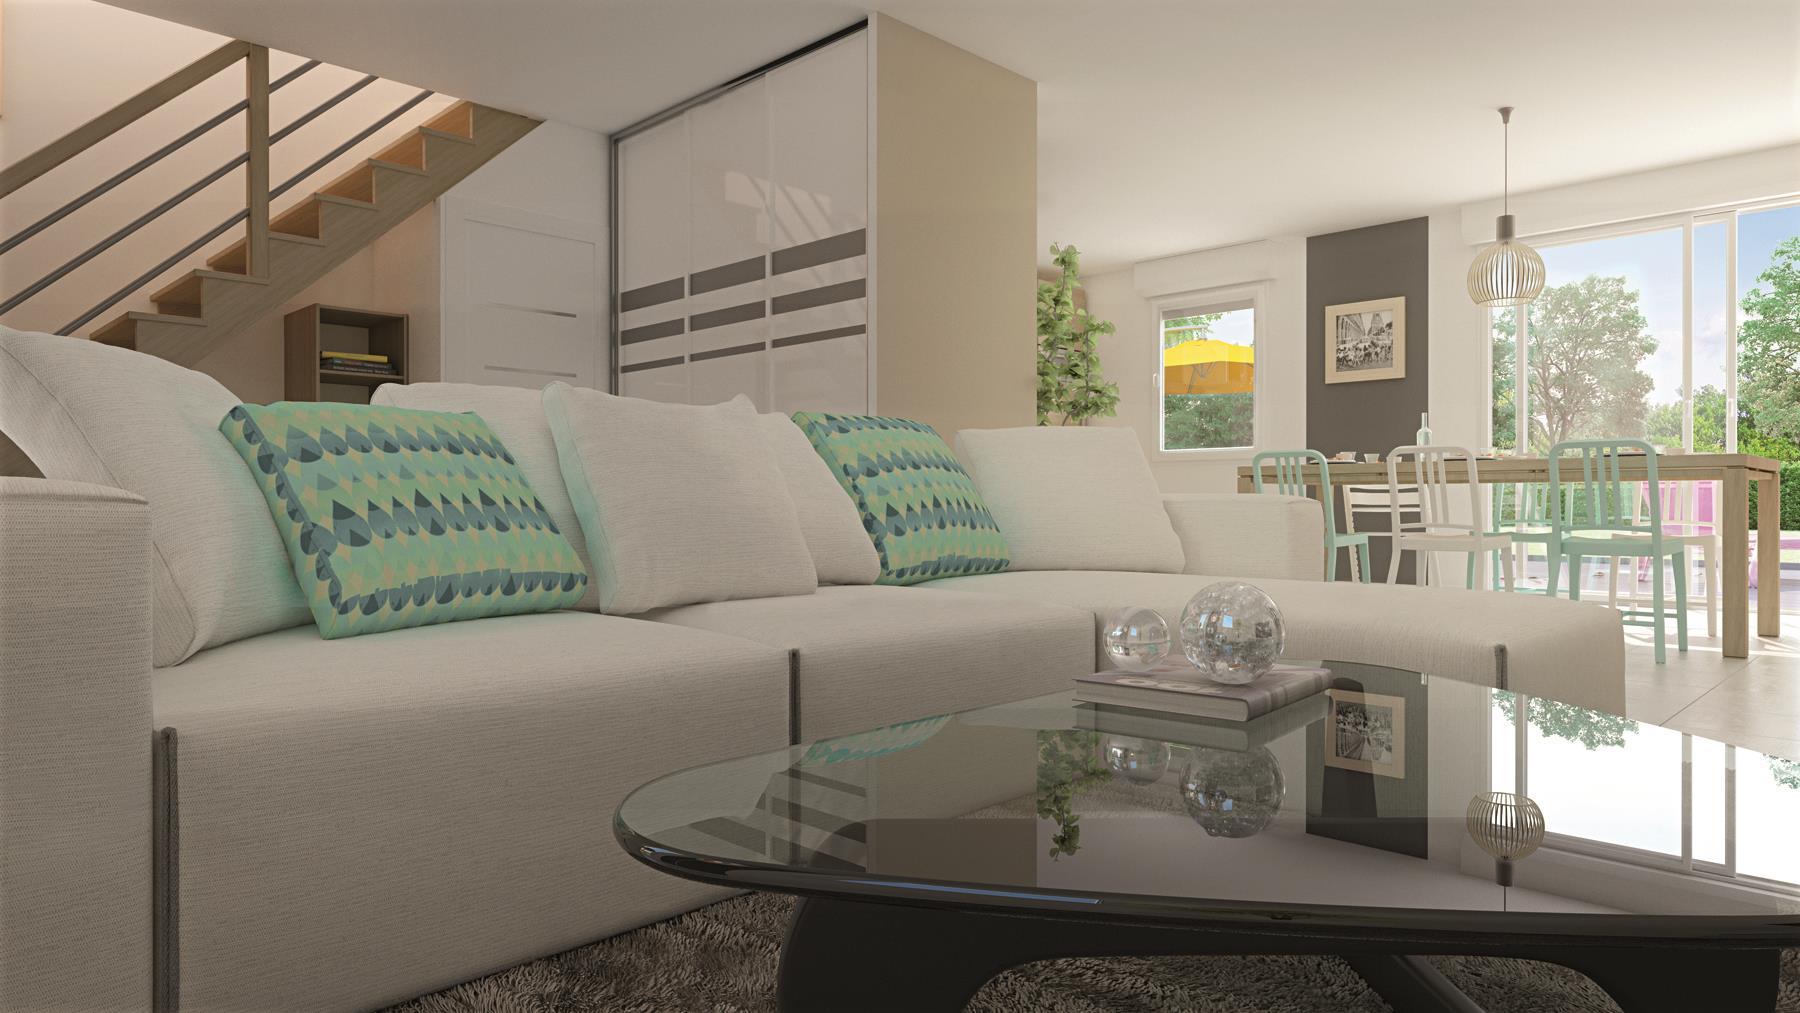 Maisons + Terrains du constructeur MAISONS PHENIX LEZENNES • 107 m² • ROOST WARENDIN